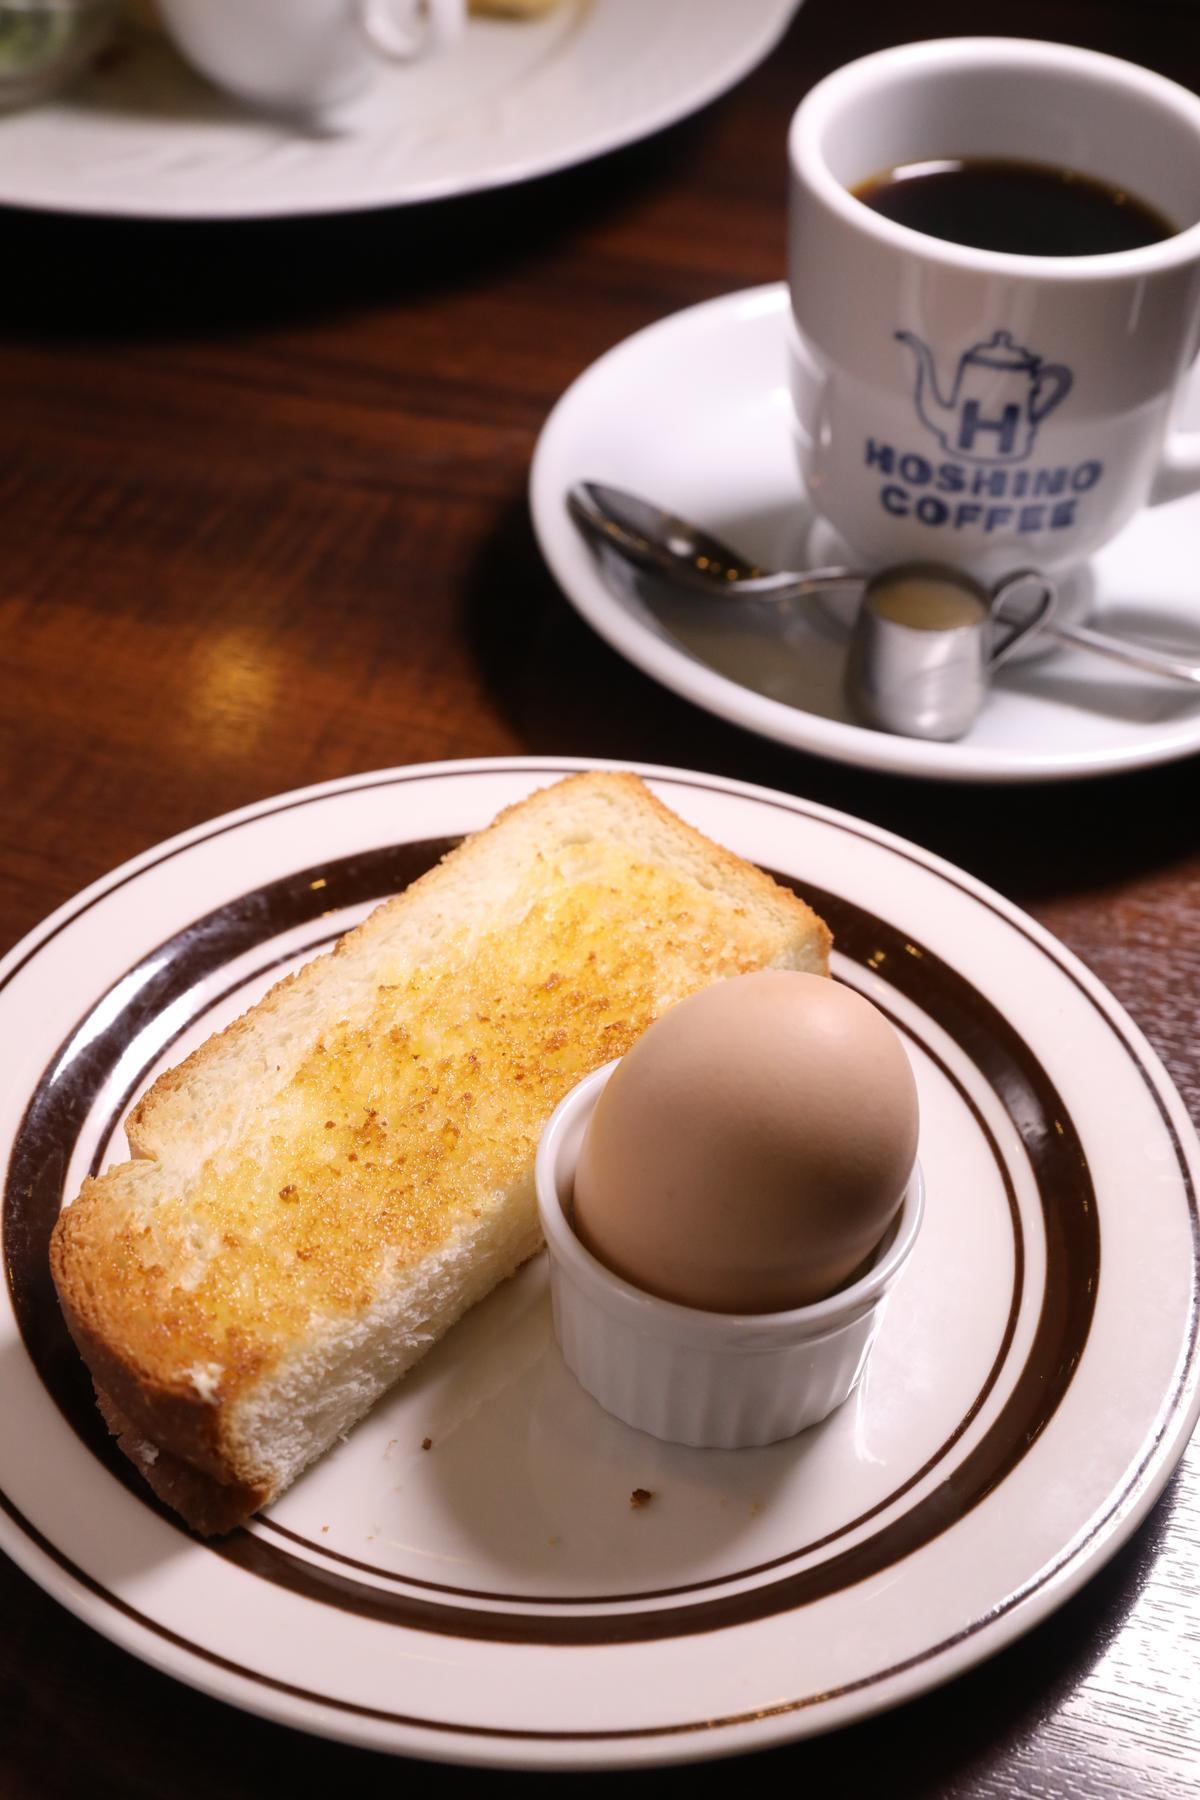 每天上午11點前,只要點1杯咖啡的價錢,就送一顆雞蛋和半片吐司。(420日圓/份,約NT$117)